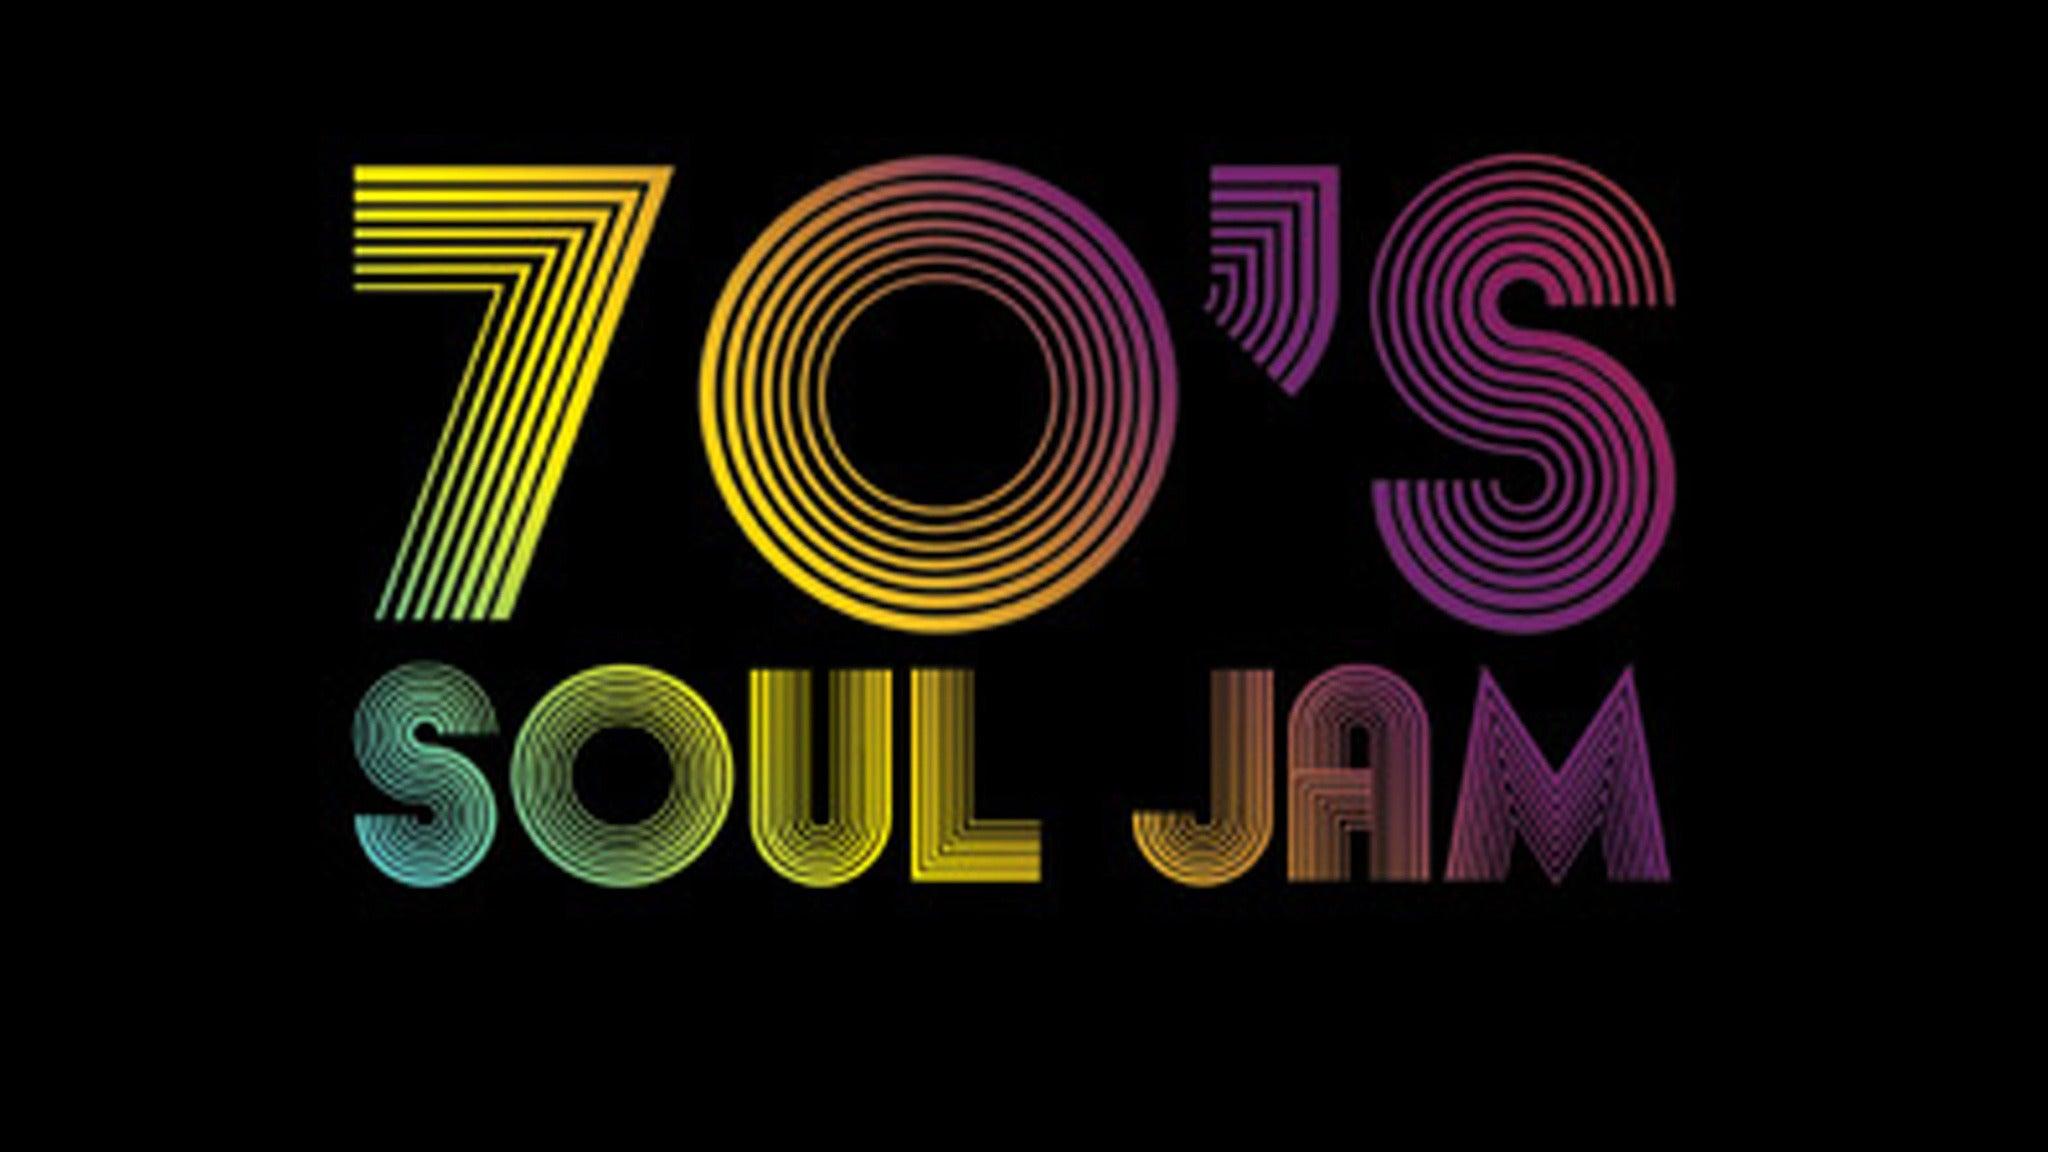 70s Soul Jam at Greek Theatre